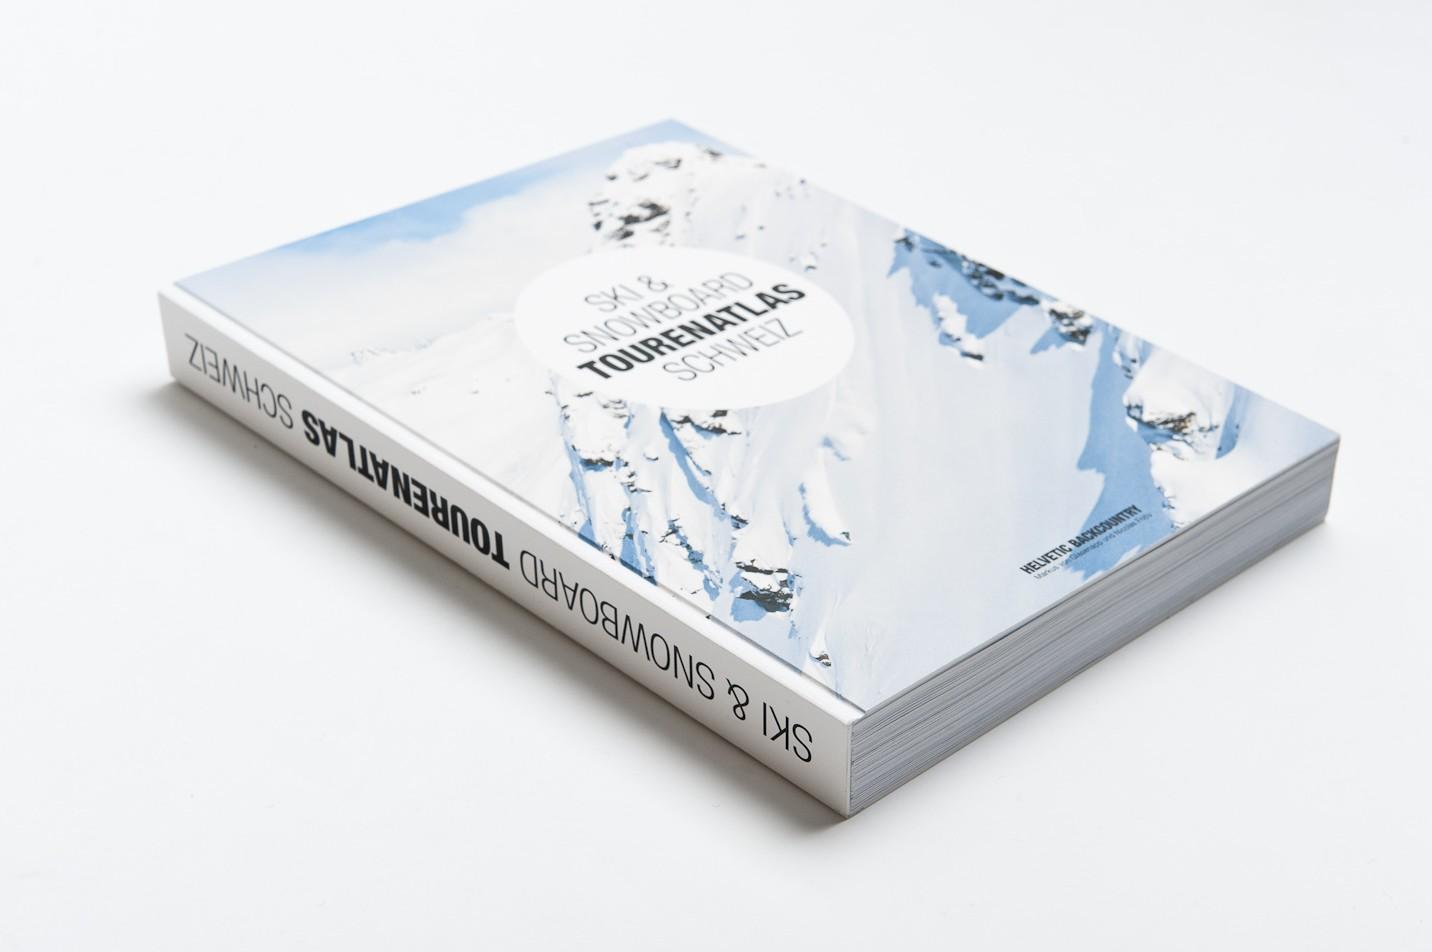 21x27 cm, beschnittenes Hardcover, Fadenbindung, 384 Seiten, Naturpapier, FSC